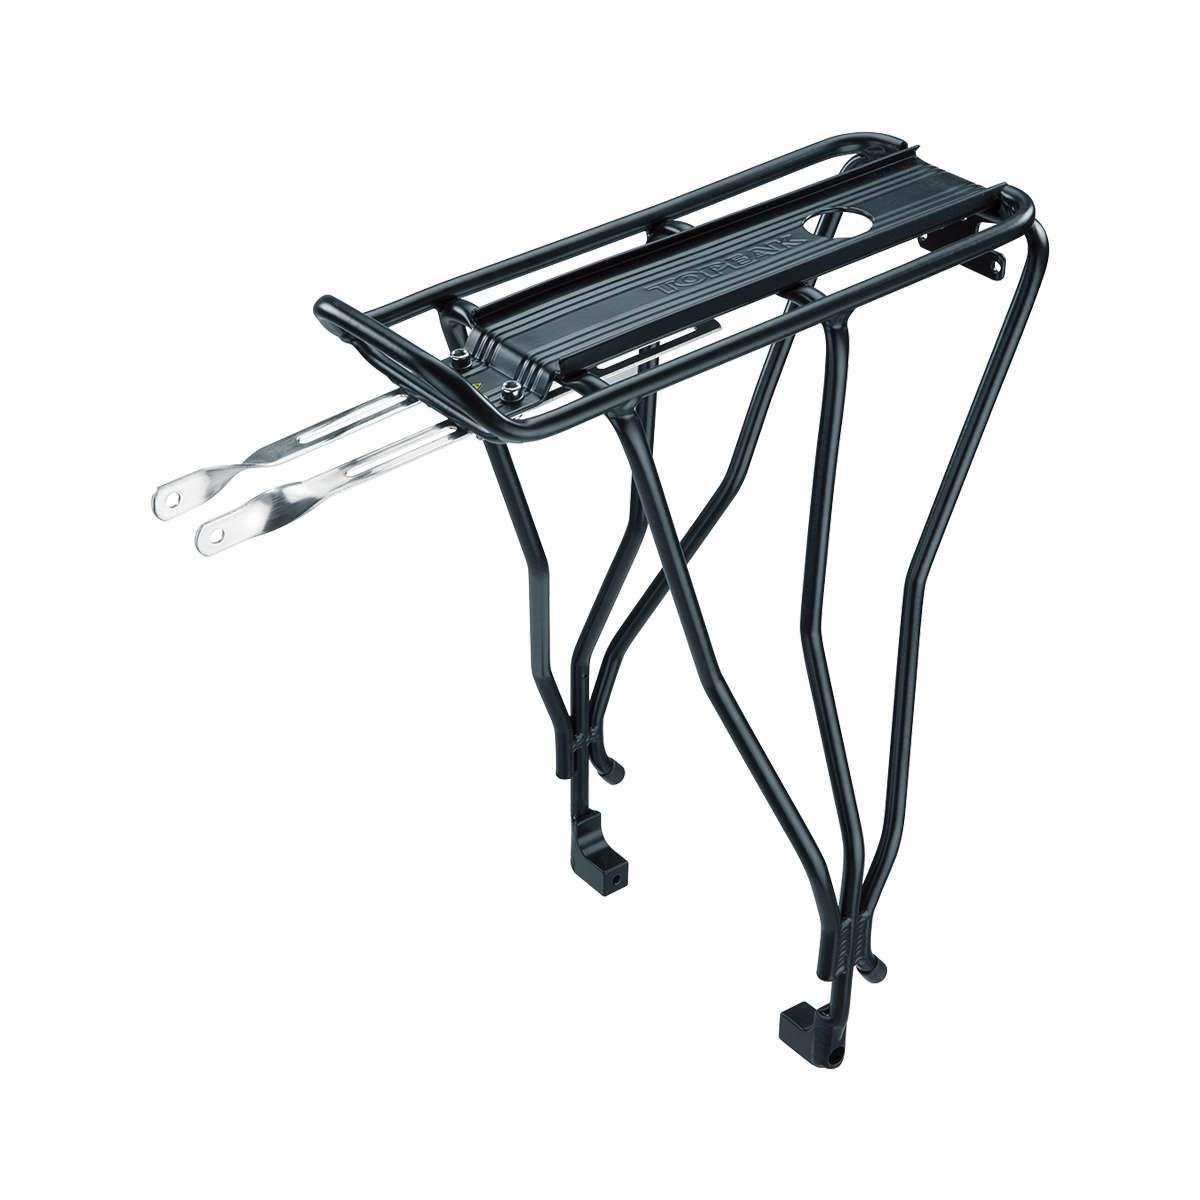 Bagageiro de Bicicleta Topeak Babyseat™ II 29er (Disco) – Topeak TCS2019